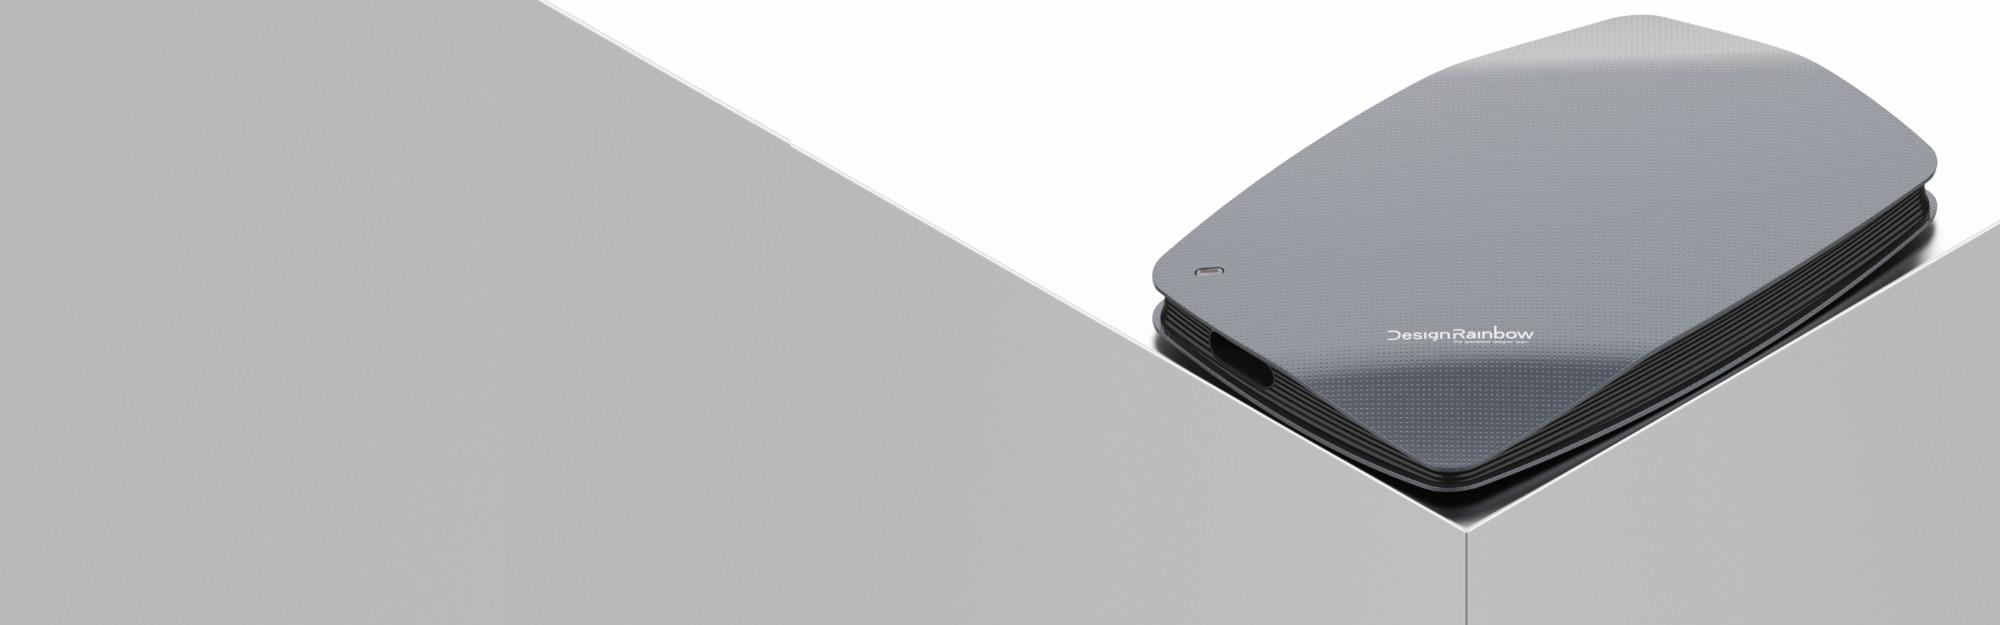 无线硬盘设计 电子设备类设计 产品设计 外观设计